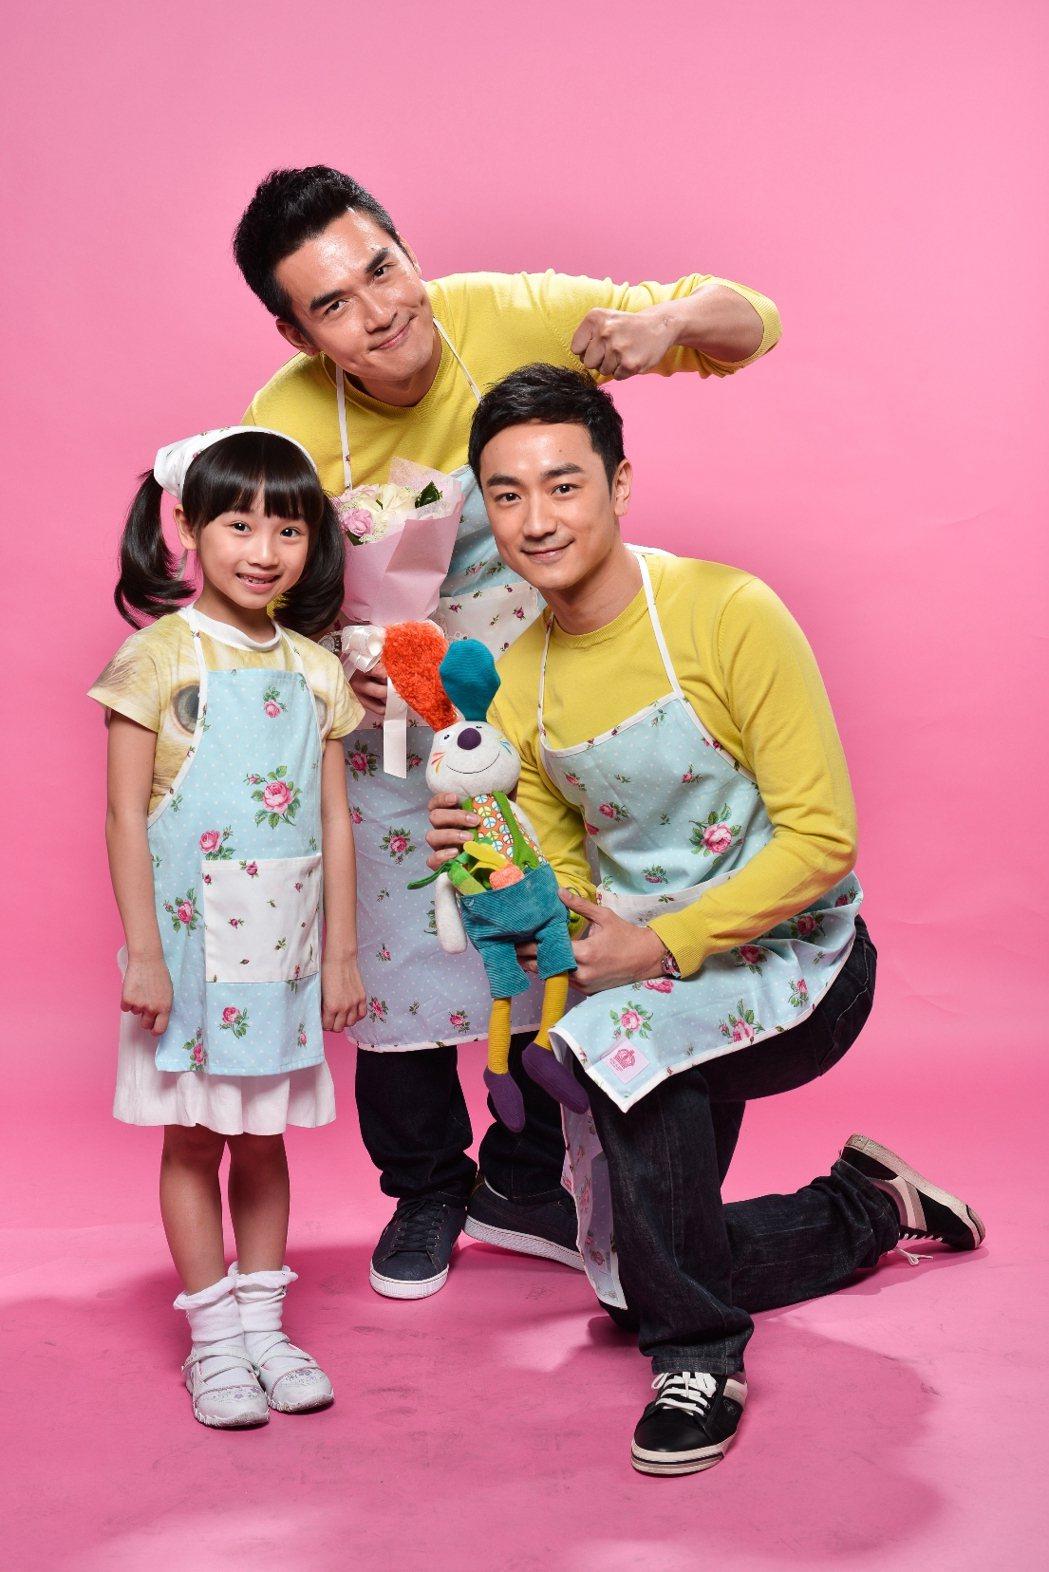 當年演出「兩個爸爸」的小童星樂樂(左)如今已是美少女將參加高中會考  圖/三立提...